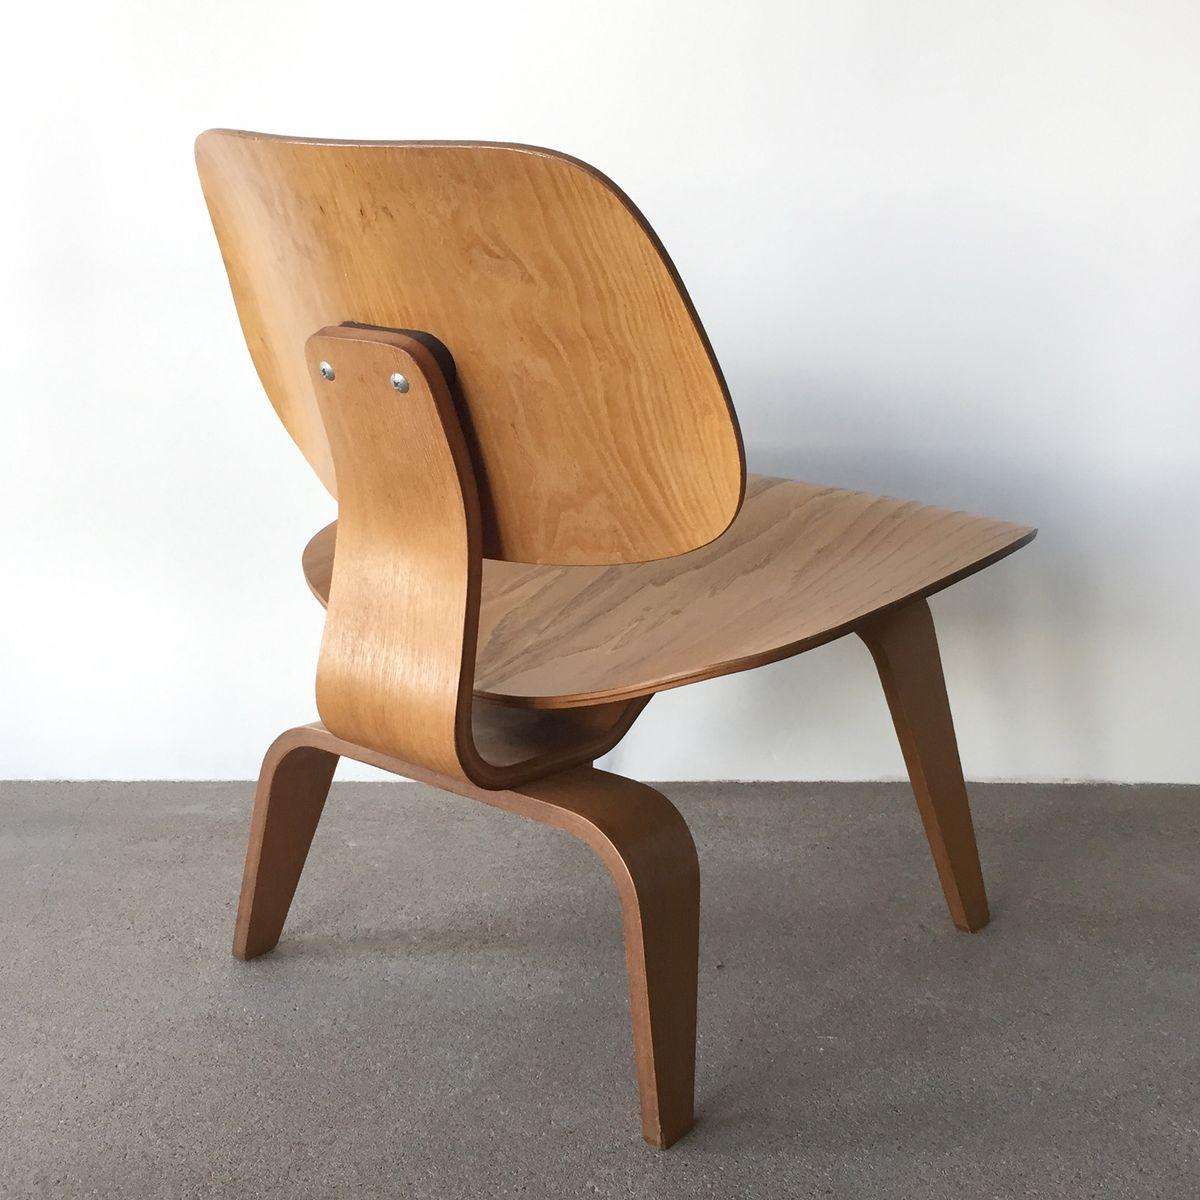 lcw nussbaum stuhl von charles ray eames f r herman miller 1953 bei pamono kaufen. Black Bedroom Furniture Sets. Home Design Ideas